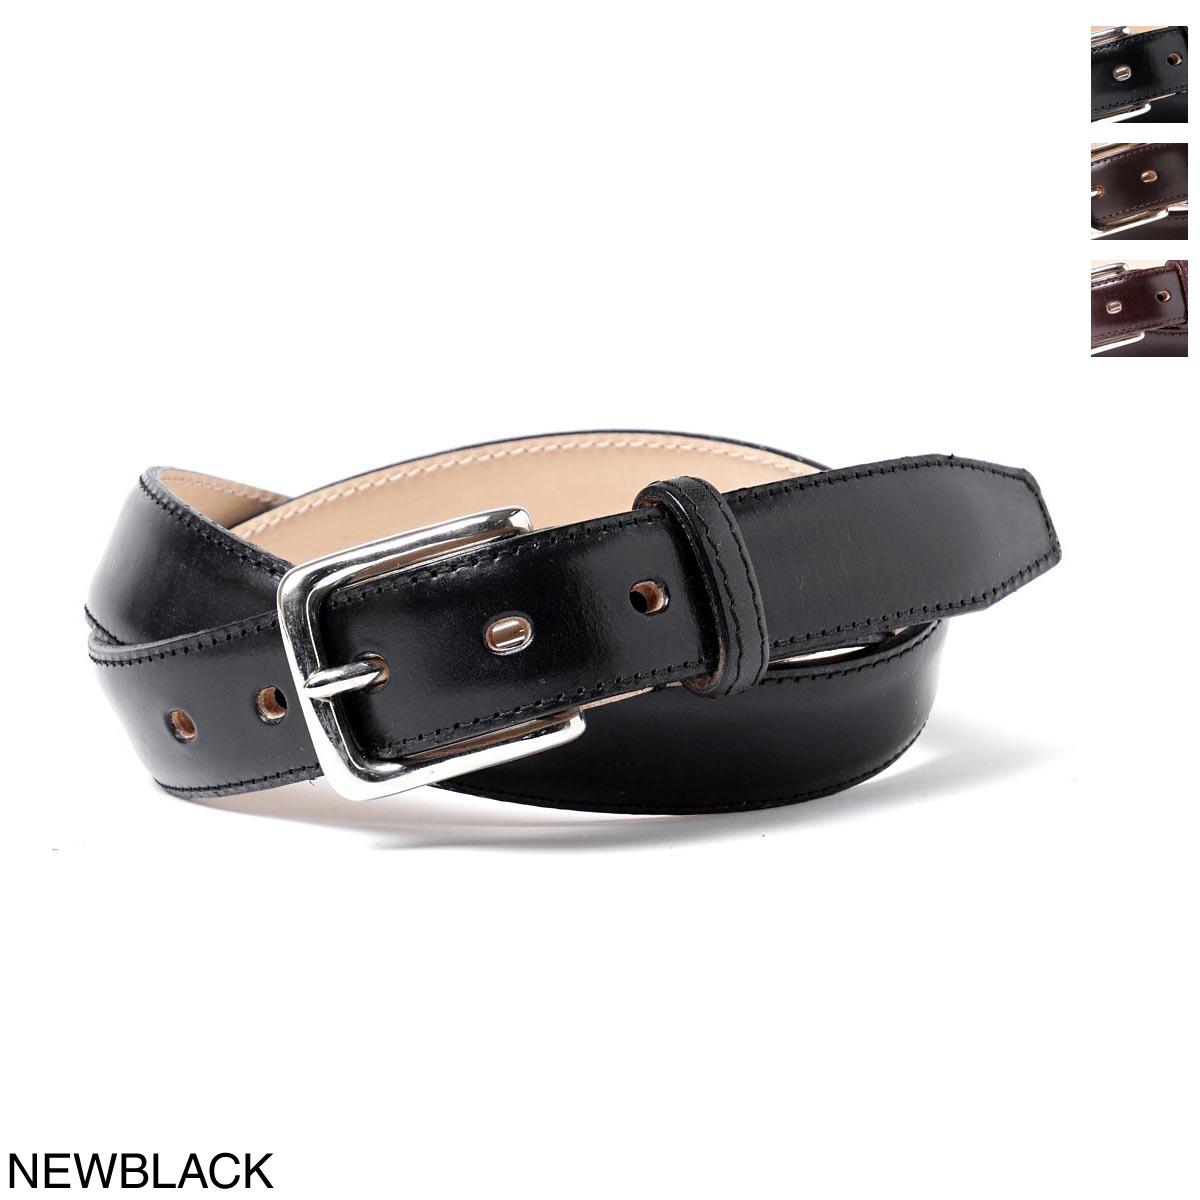 グレンロイヤル GLENROYAL ベルト メンズ プレゼント ギフト 06 6234 black LEATHER【あす楽対応_関東】【ラッピング無料】【返品送料無料】【180615】